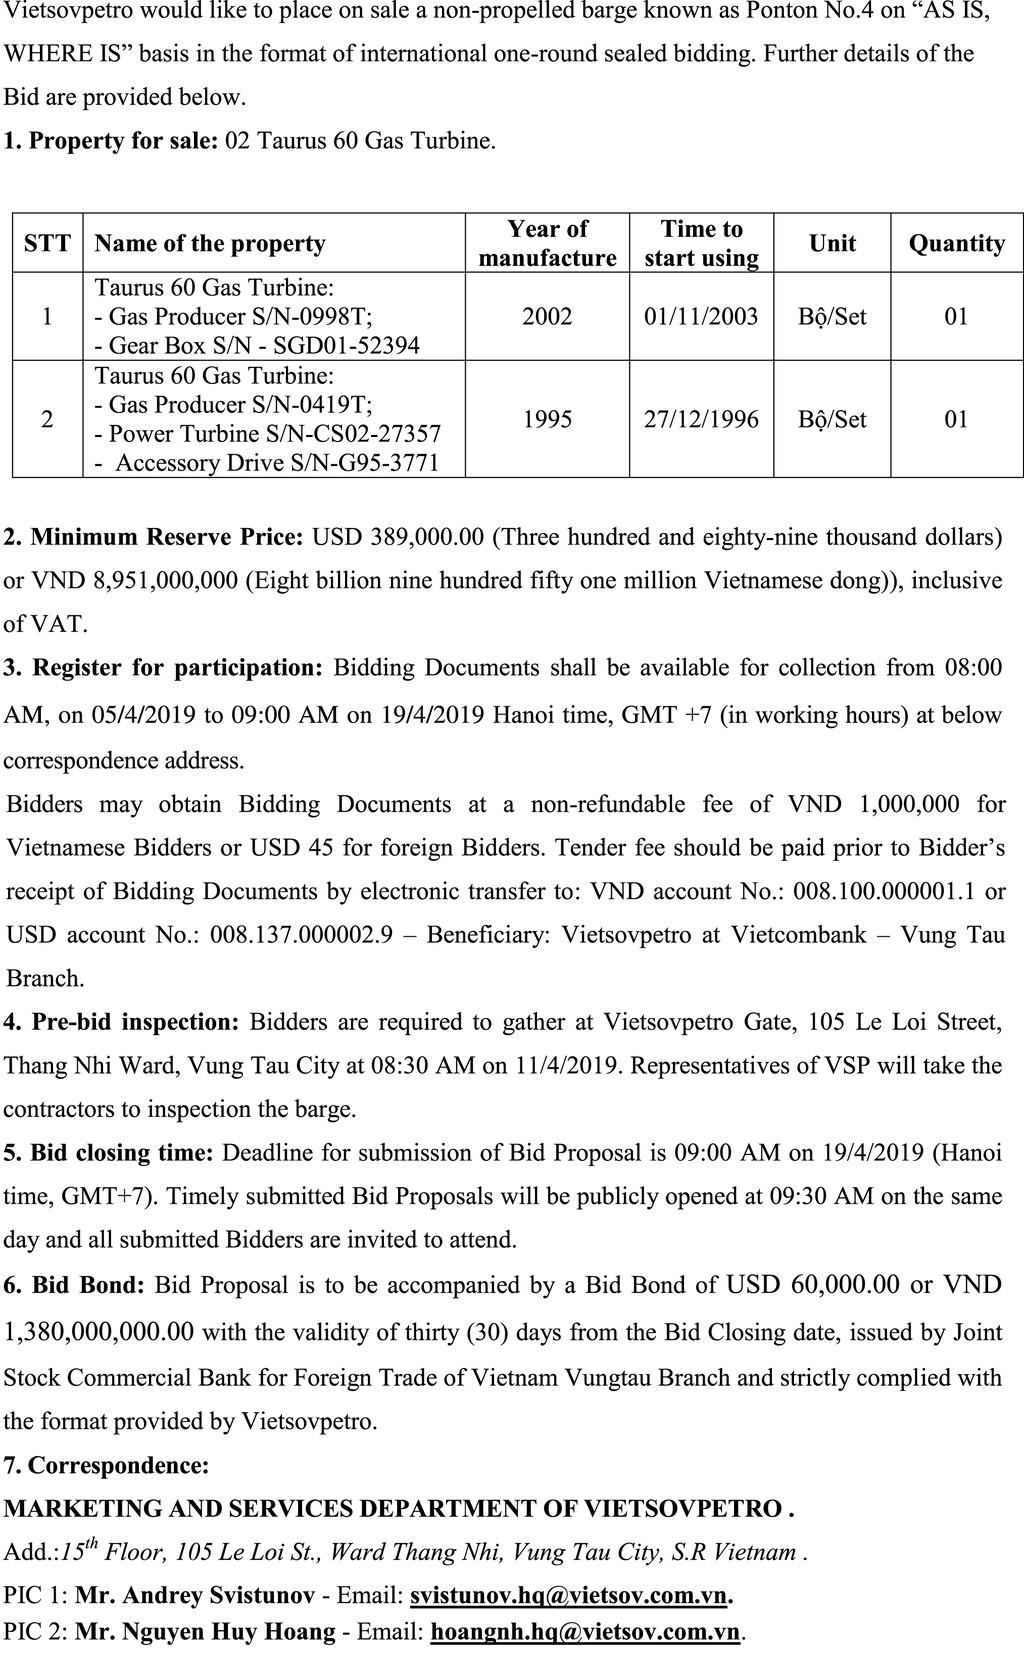 Ngày 19/4/2019, đấu giá 2 Taurus 60 Gas Turbine thanh lý tại tỉnh Bà Rịa Vũng Tàu - ảnh 2